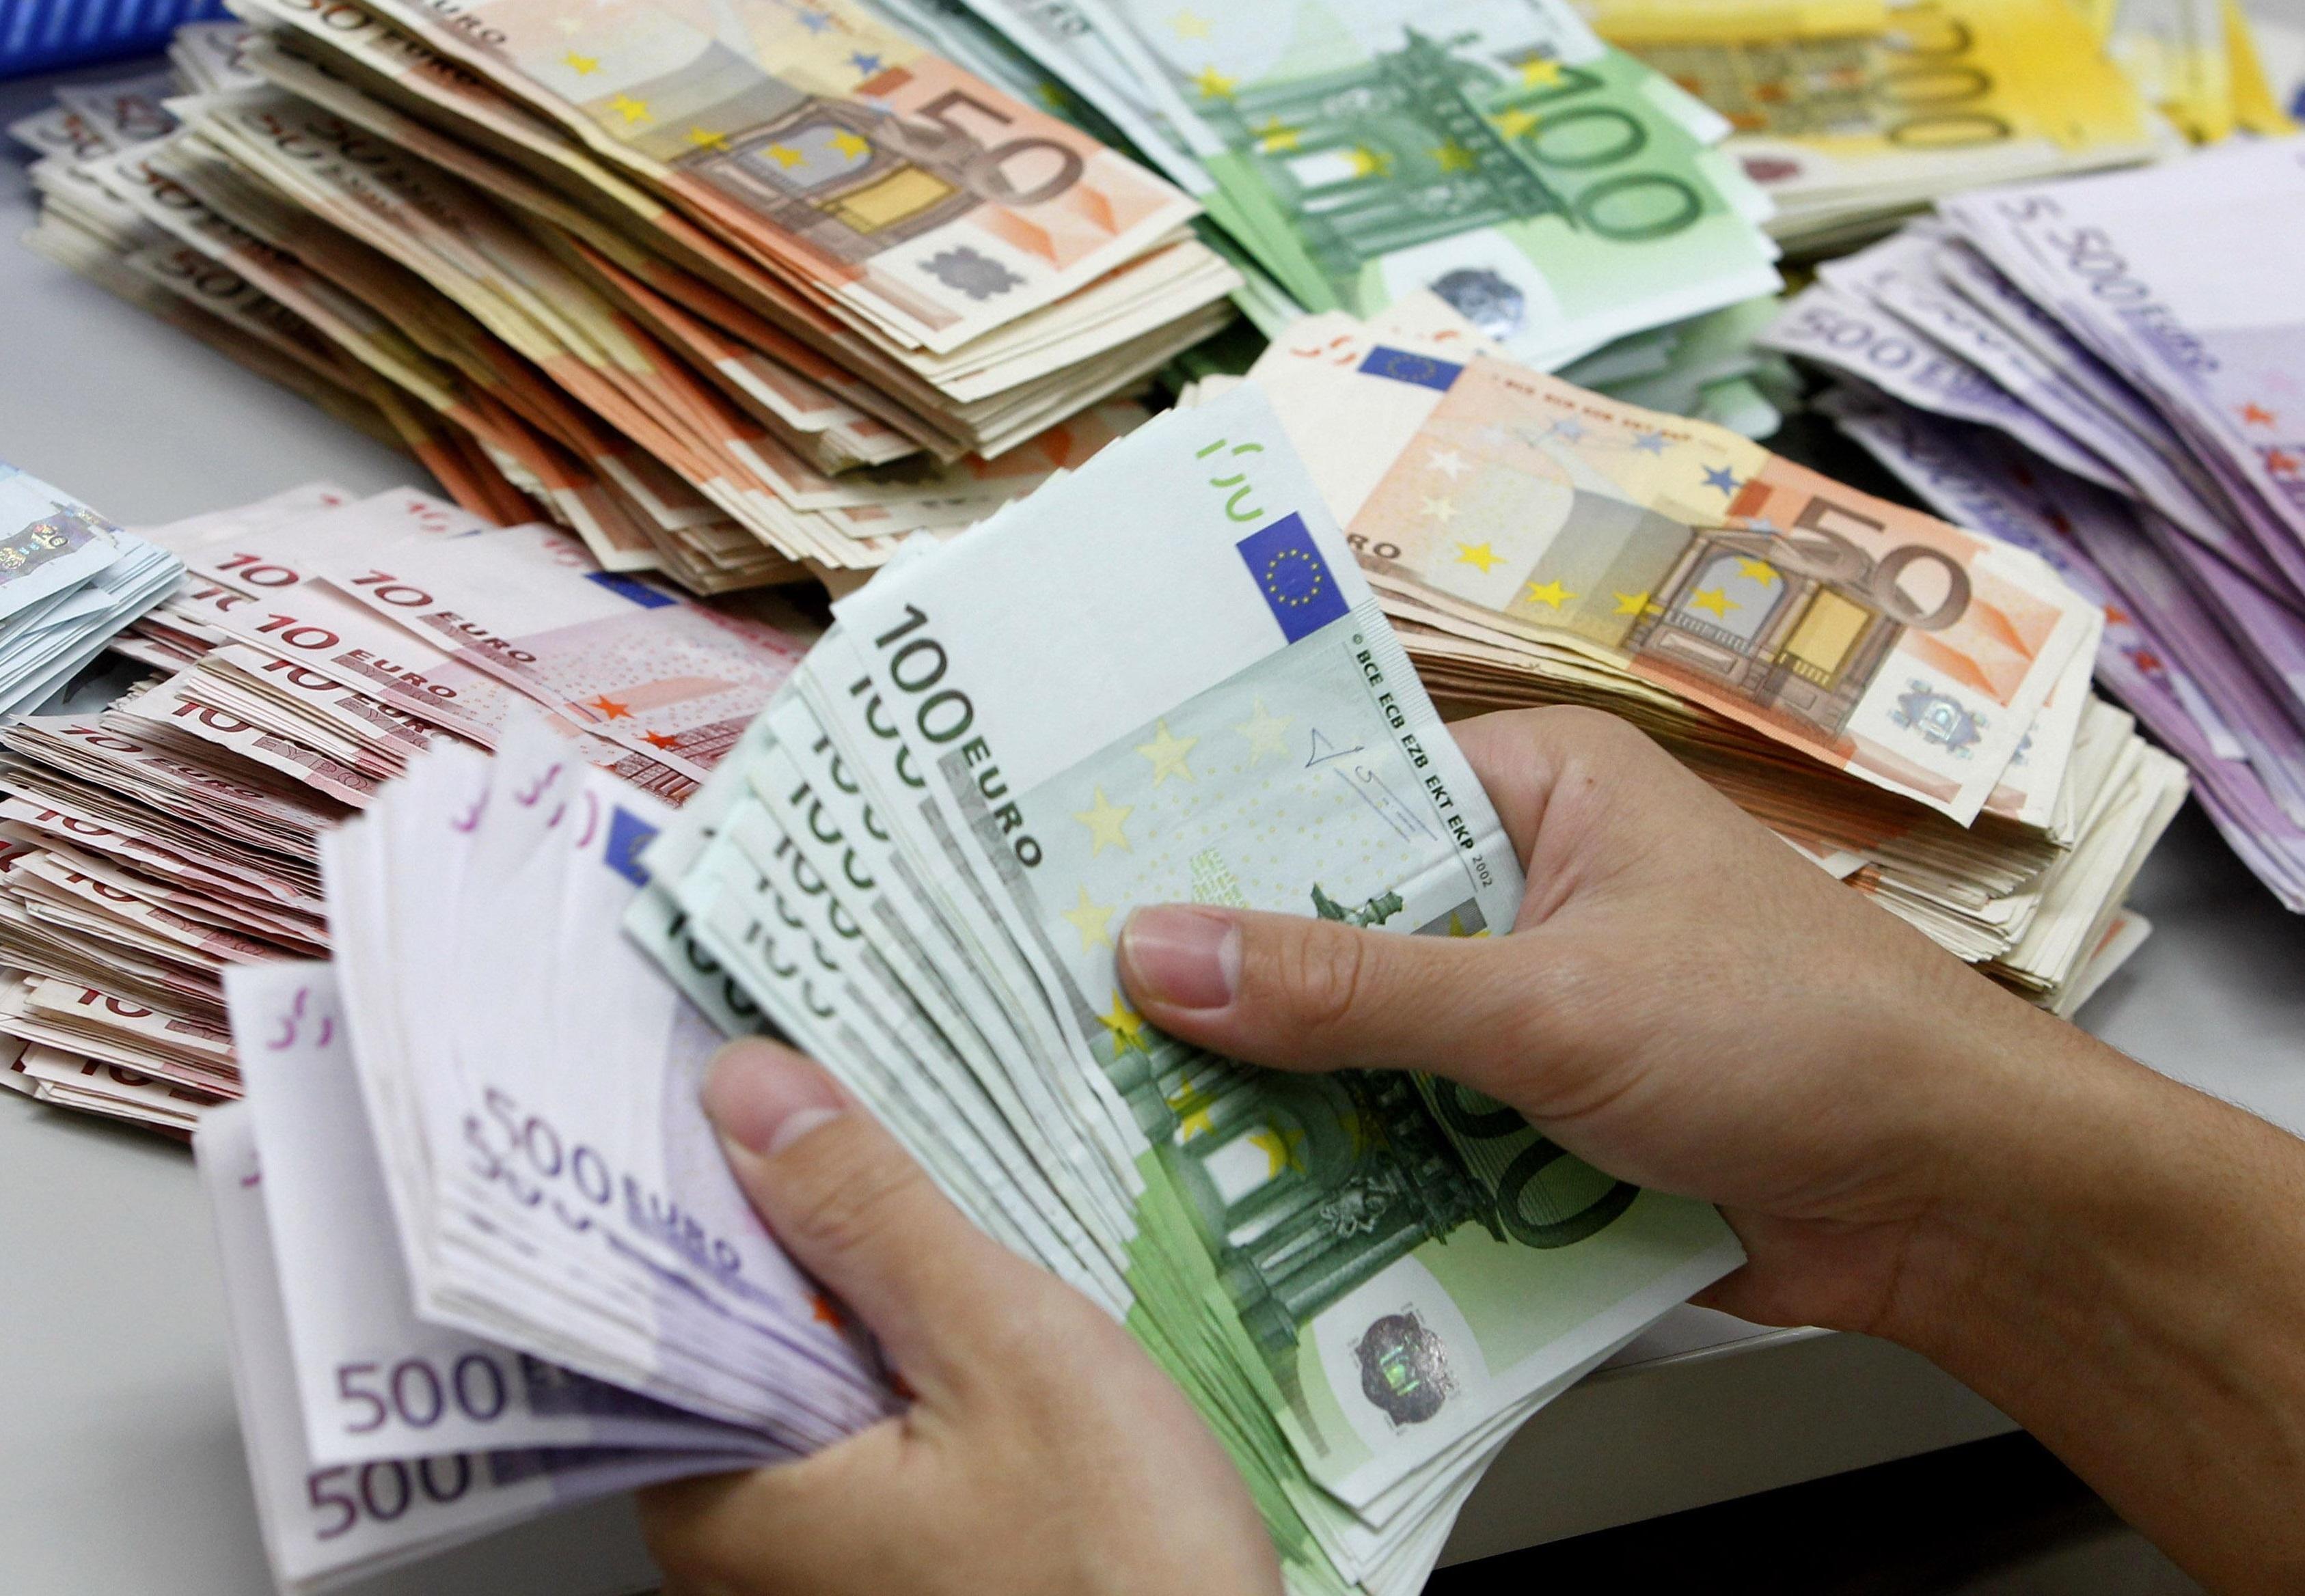 یارانه ۲۰۰ هزار تومانی جایگزین ارز ۴۲۰۰ تومانی میشود؟